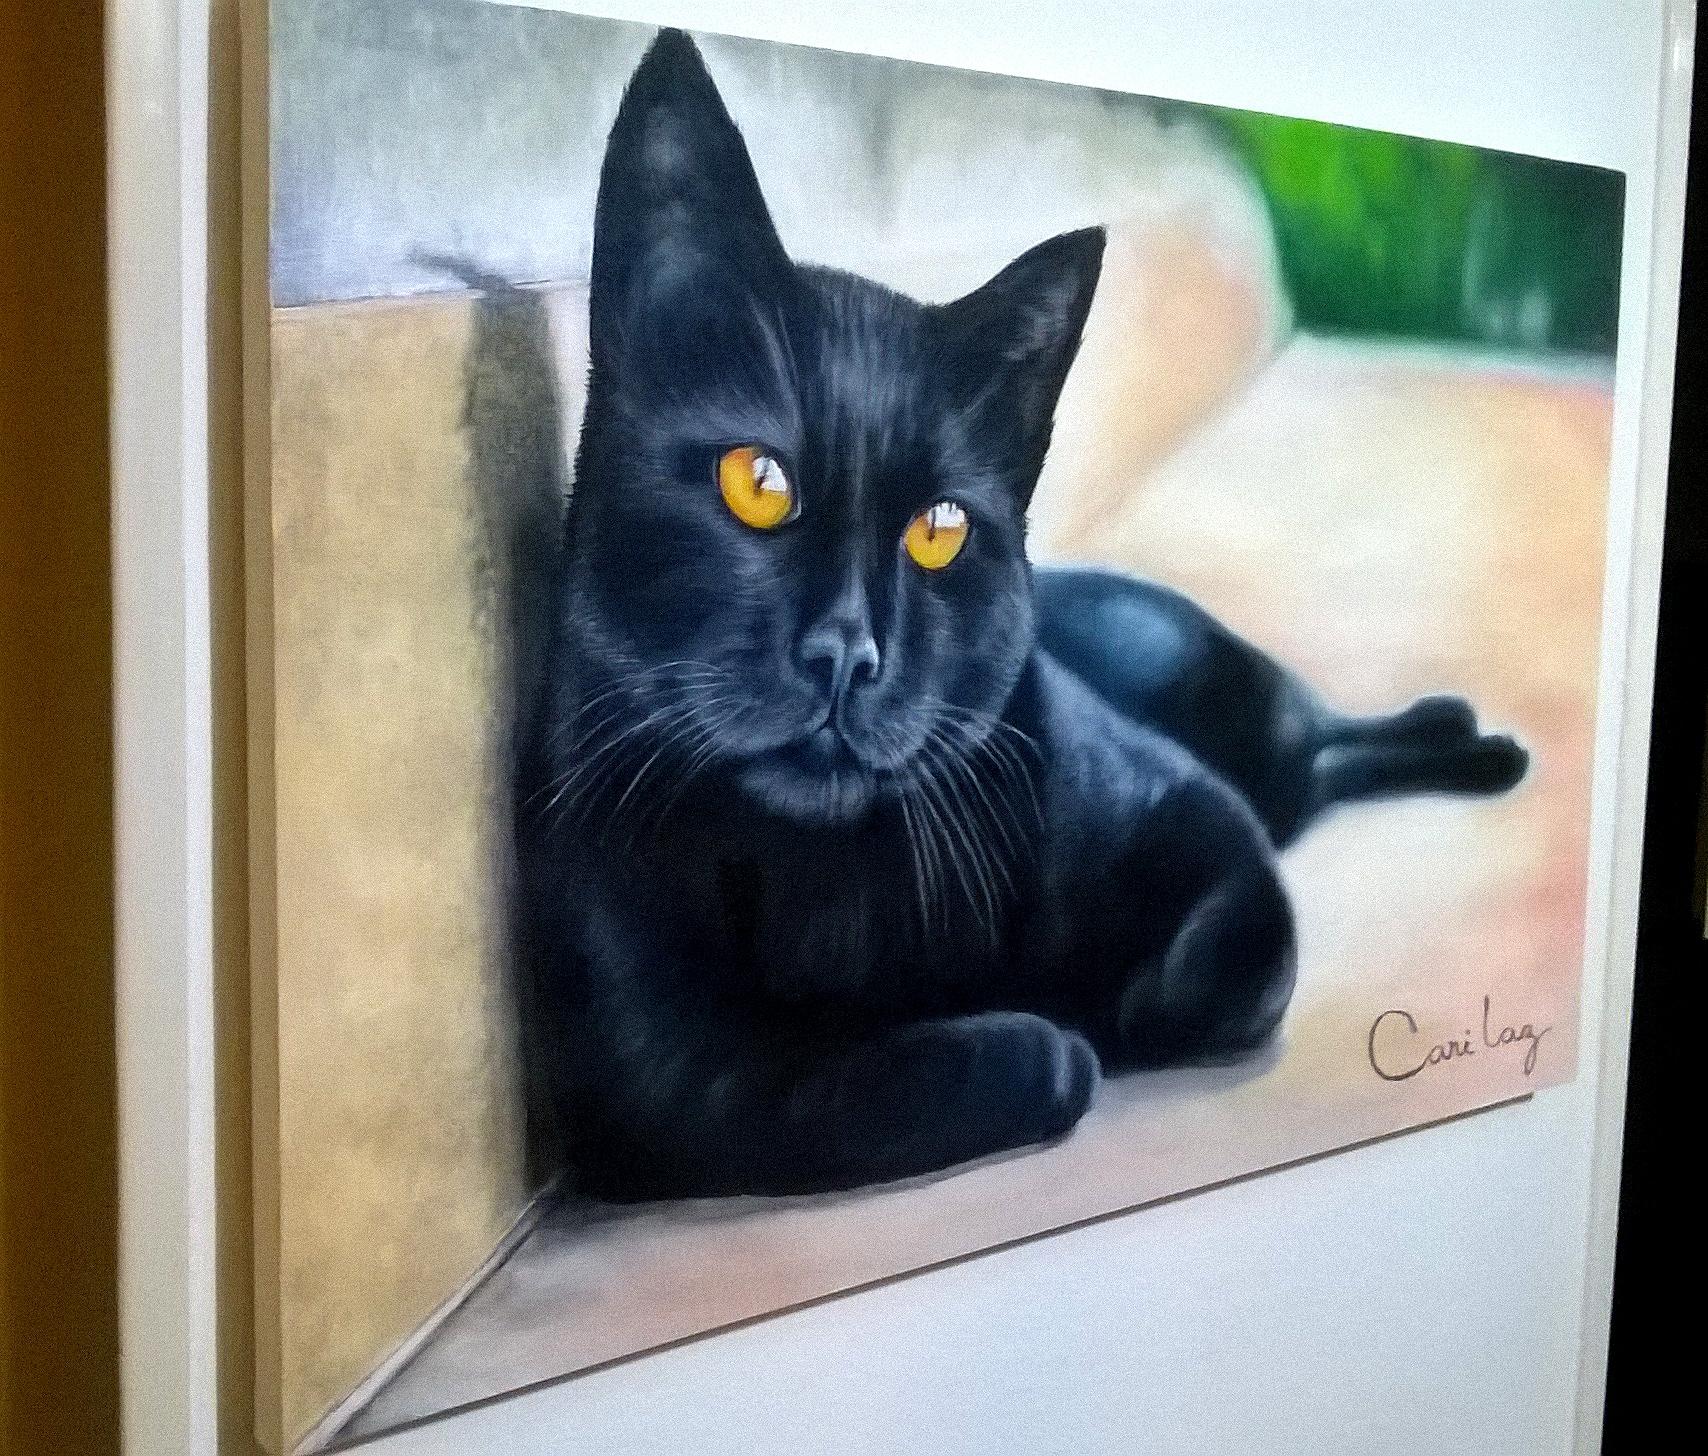 Sim n cuadro original acr lico sobre lienzo comprar - Acrilico sobre lienzo ...